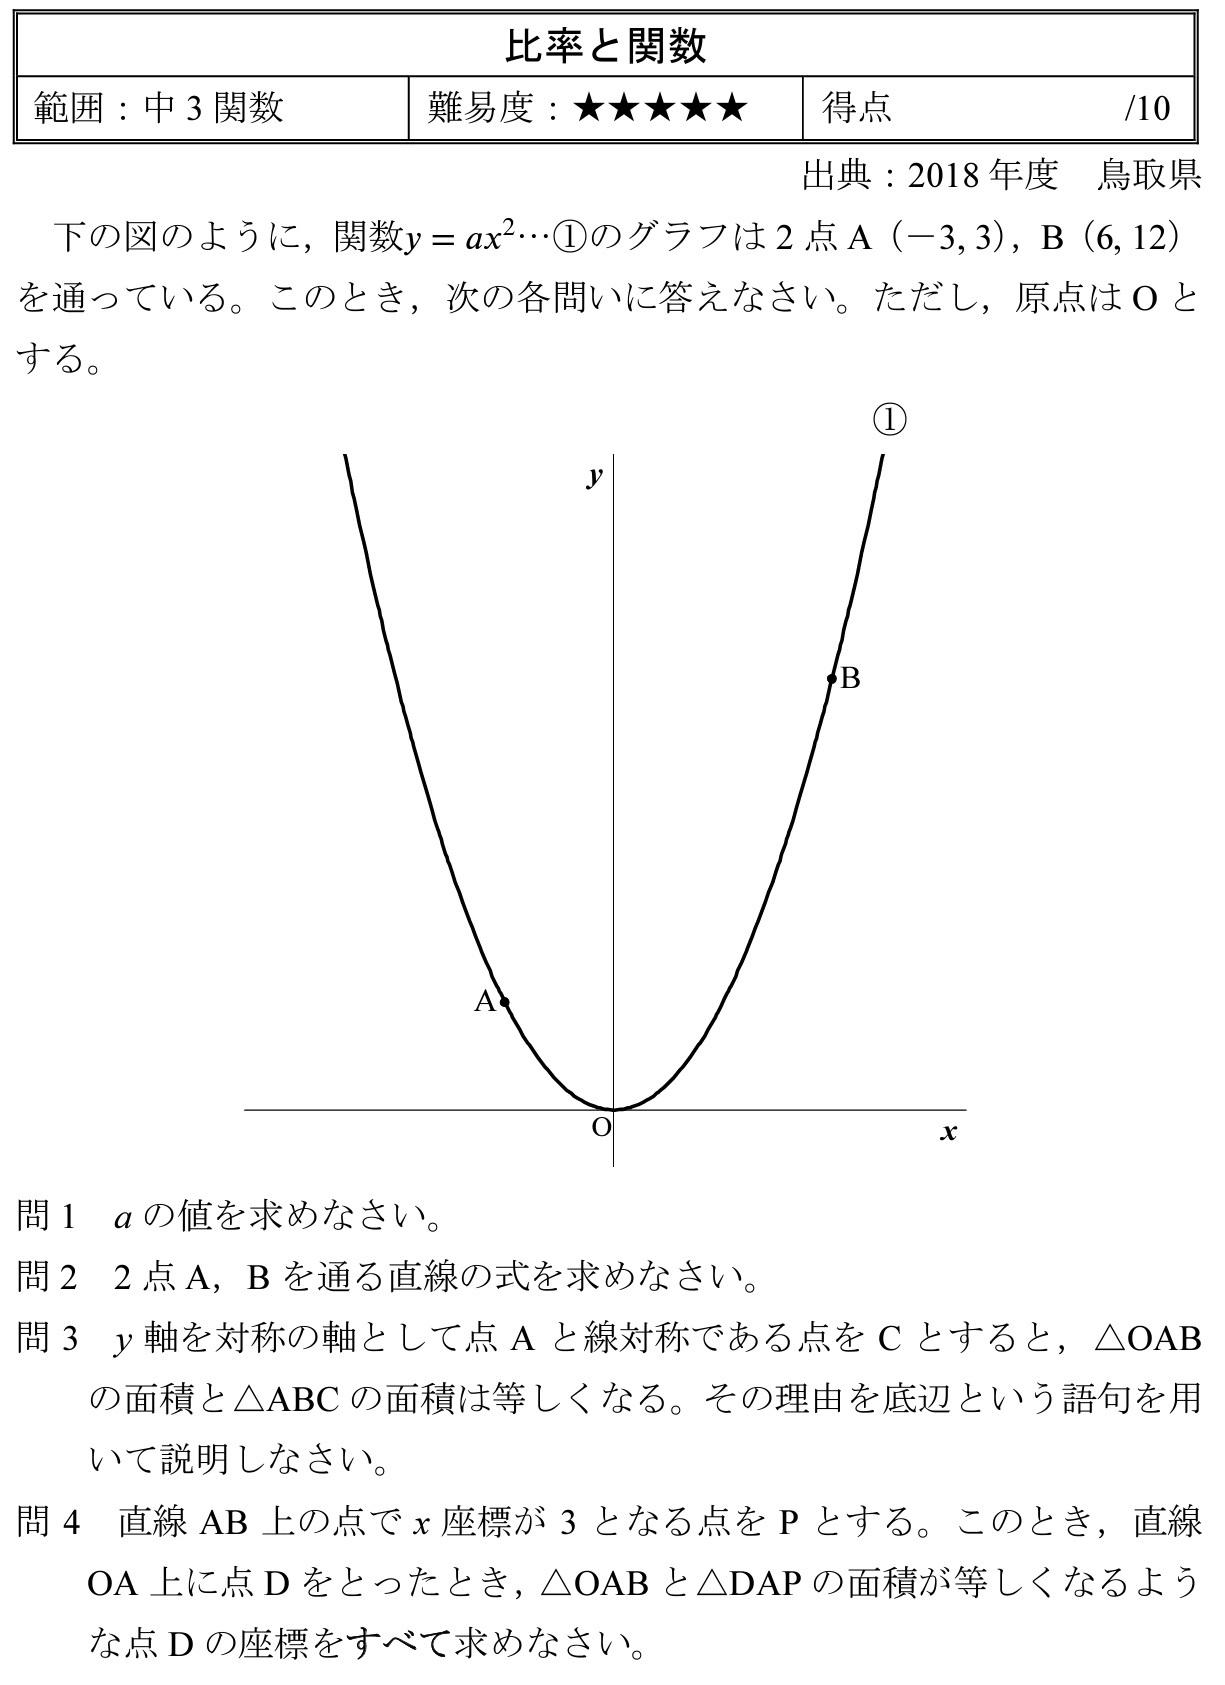 tori33.jpg